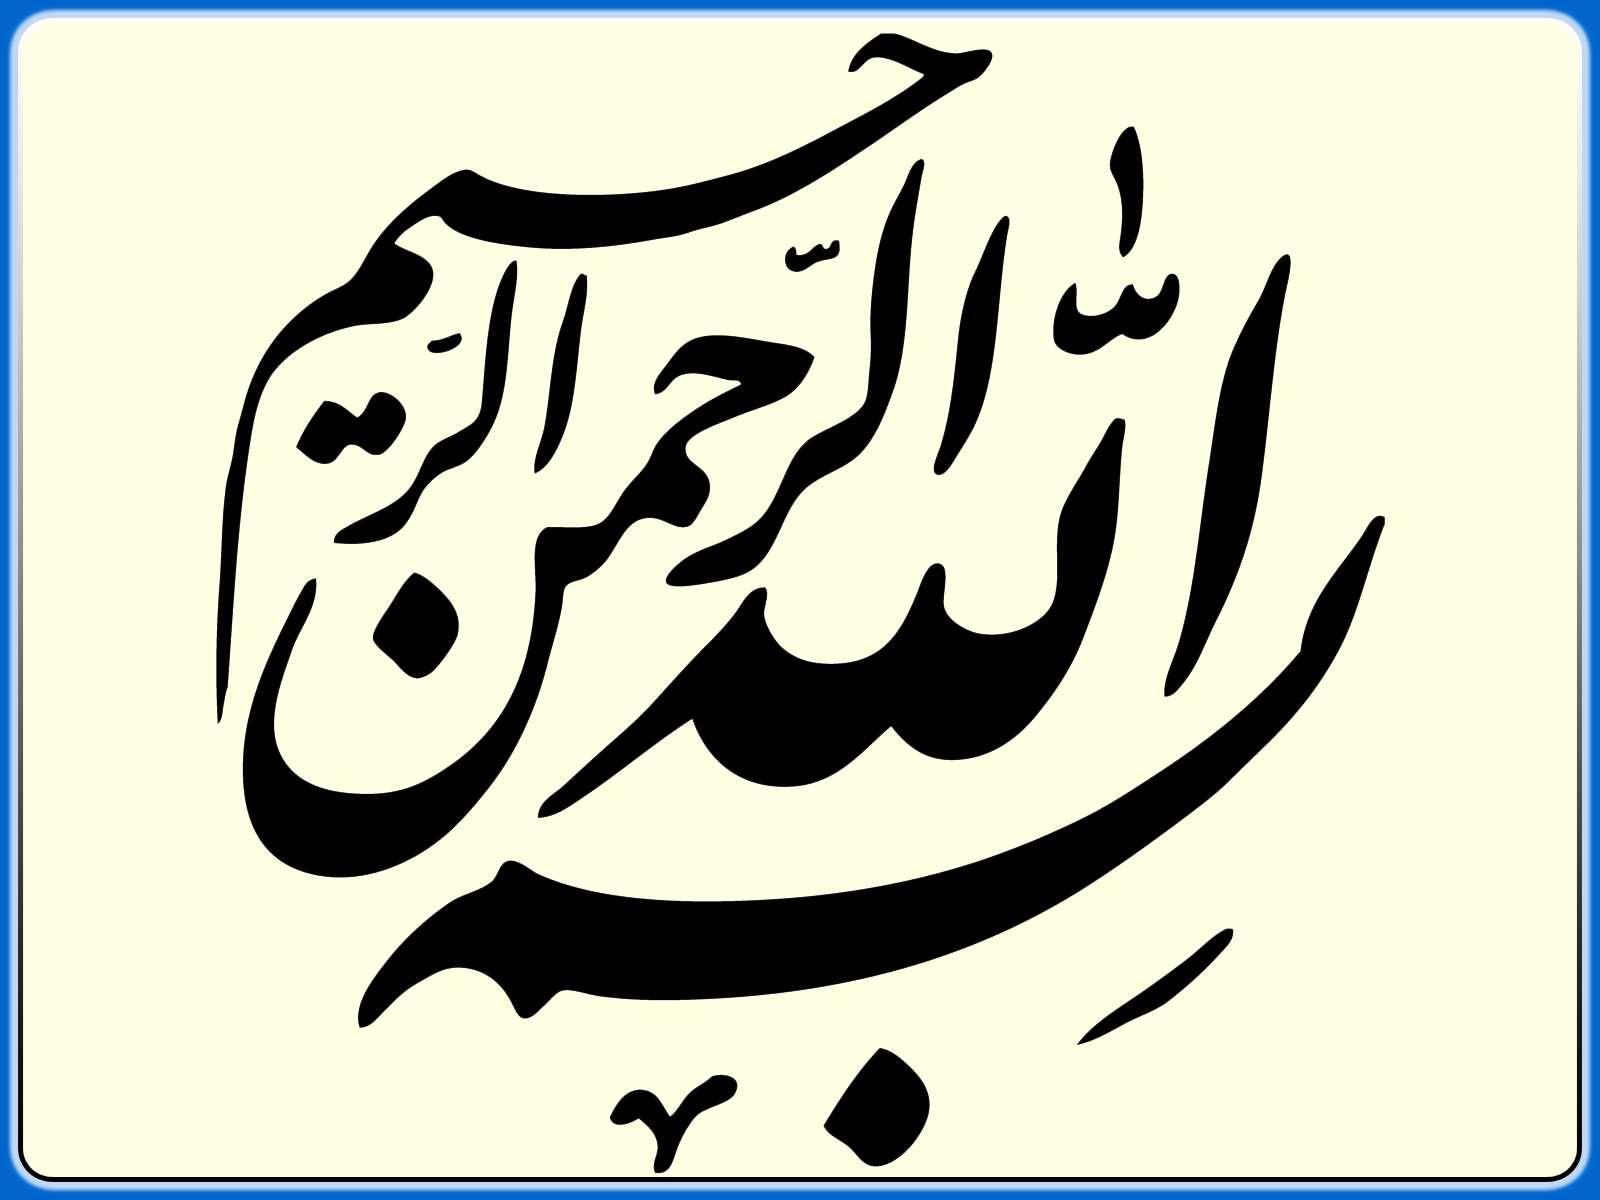 چهار طرح آماده خوشنویسی با موضوع بسم الله شماره اول